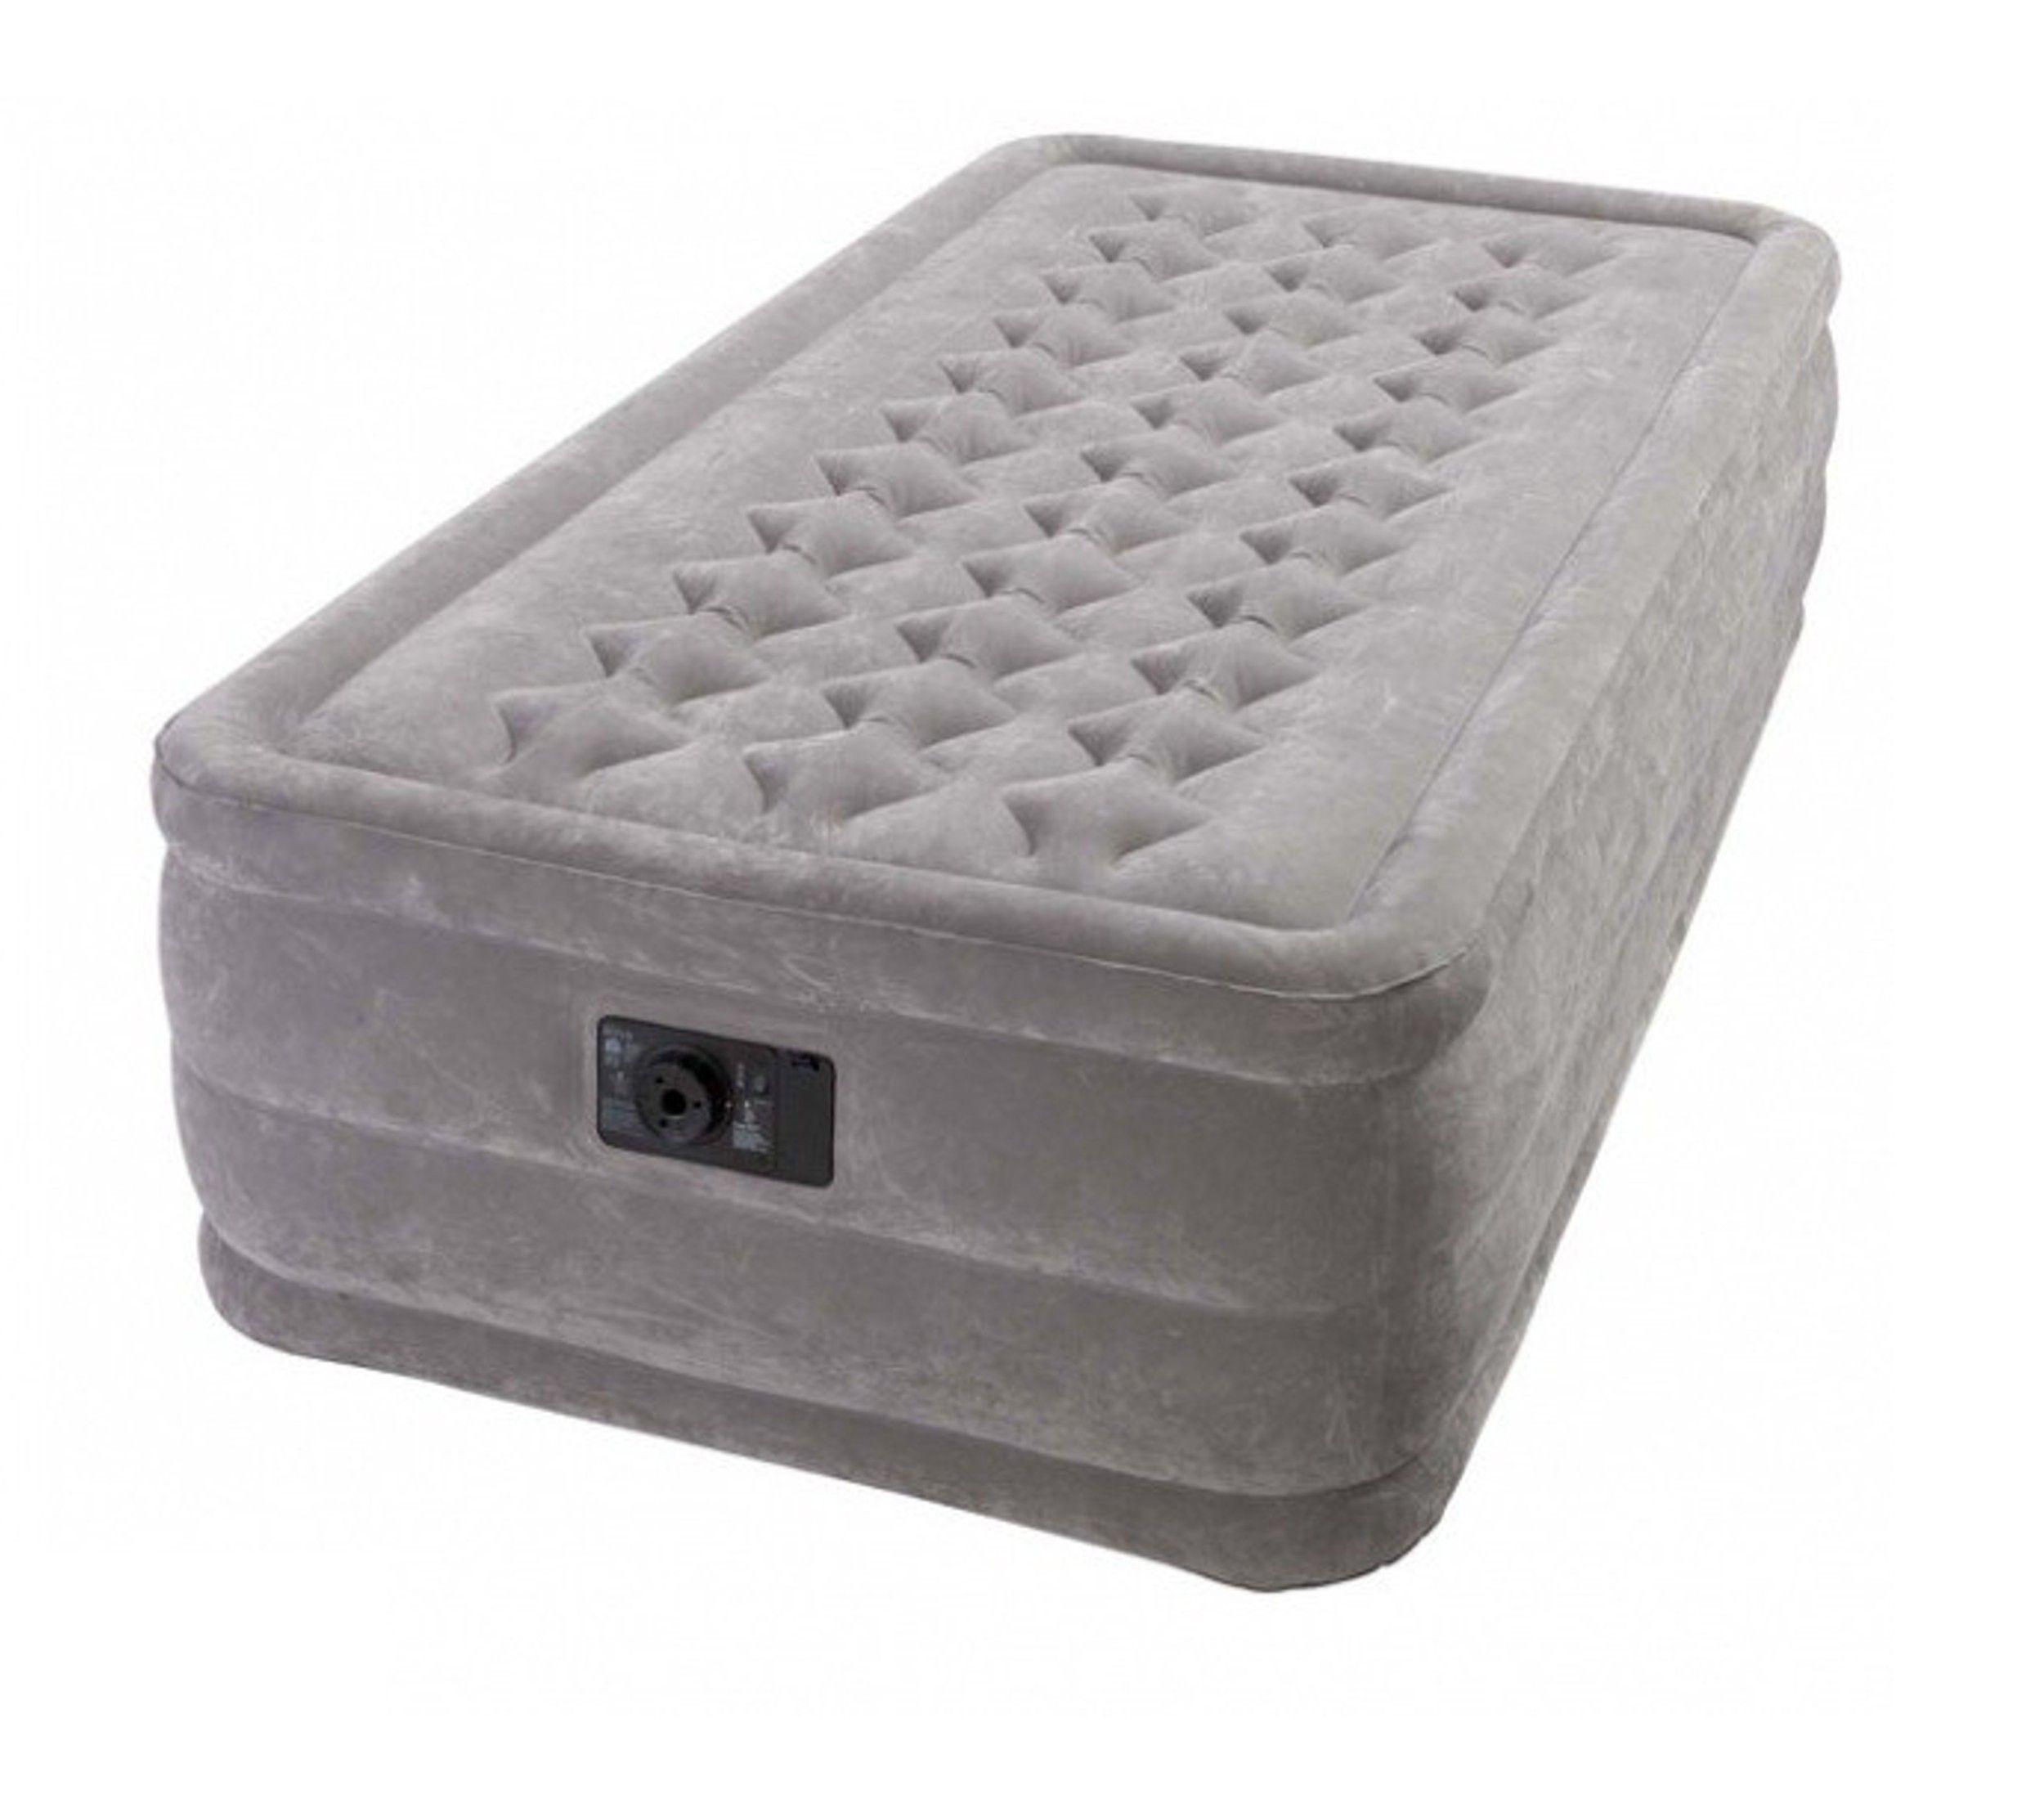 Matelas Gonflable Intex Ultra Plush 1 Personne La Sensation De Dormir Sur Un Vrai Lit Avec Ce Matelas Gonflable Ultra Confort Gonf